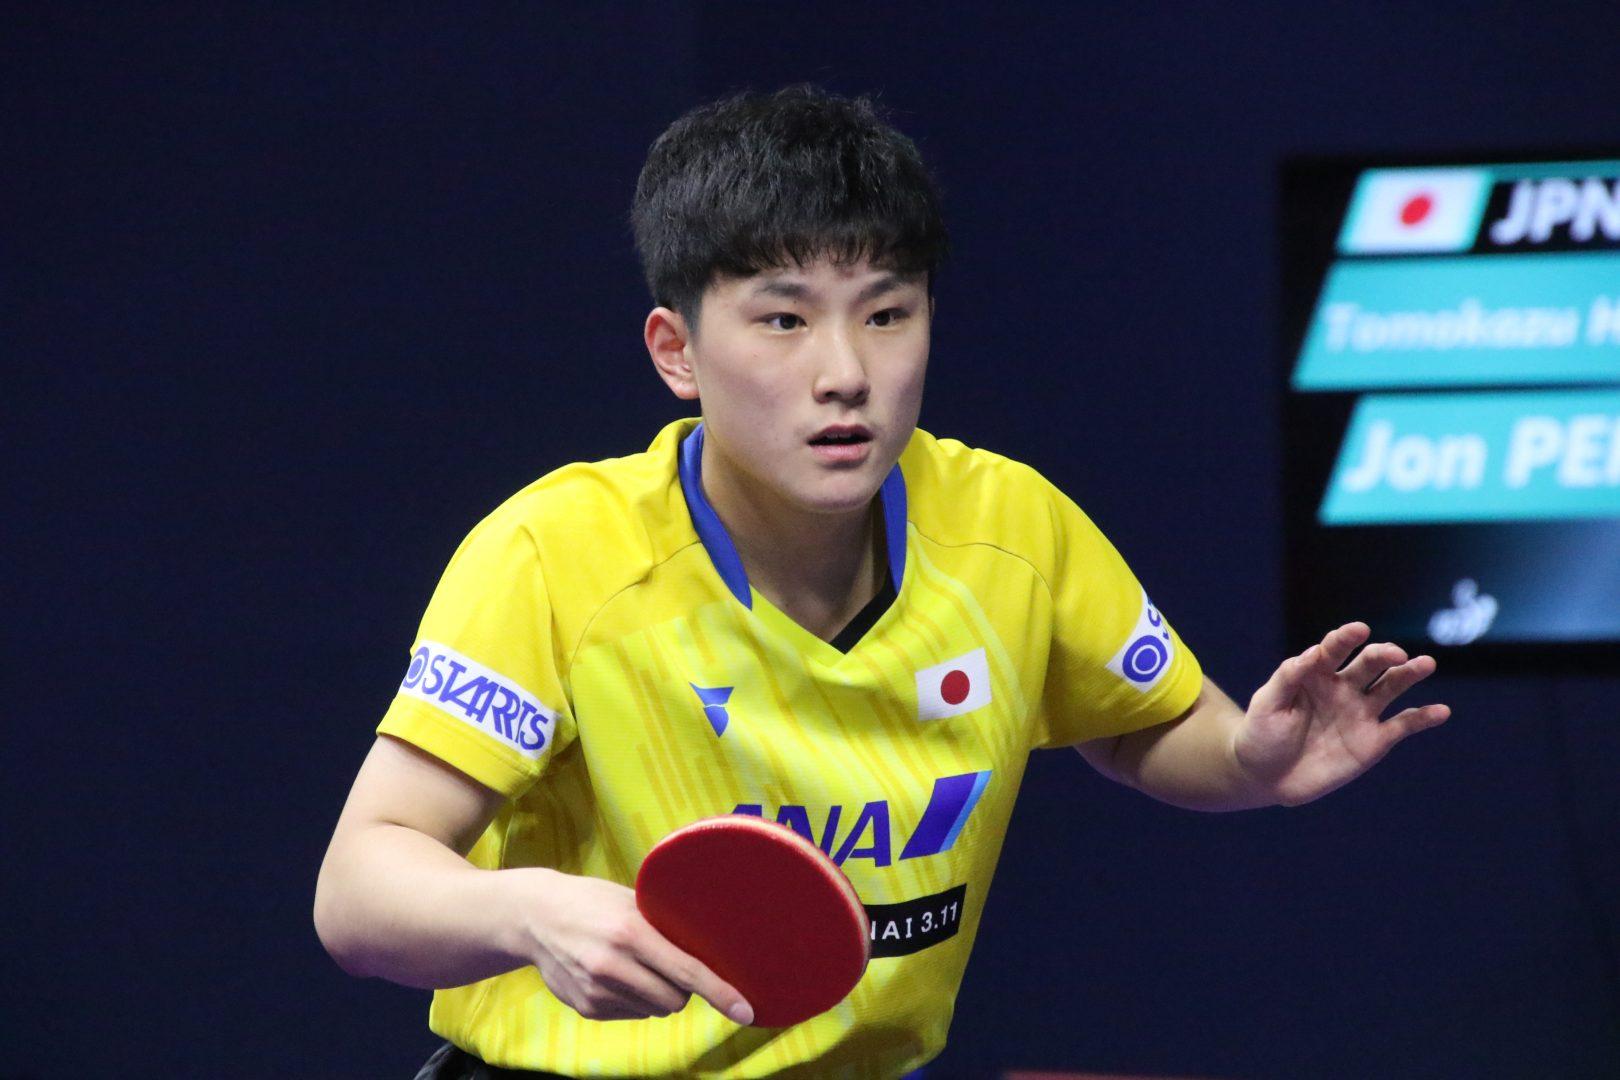 16歳最初のシングルスに挑んだ張本智和 快勝で2回戦進出<韓国OP>